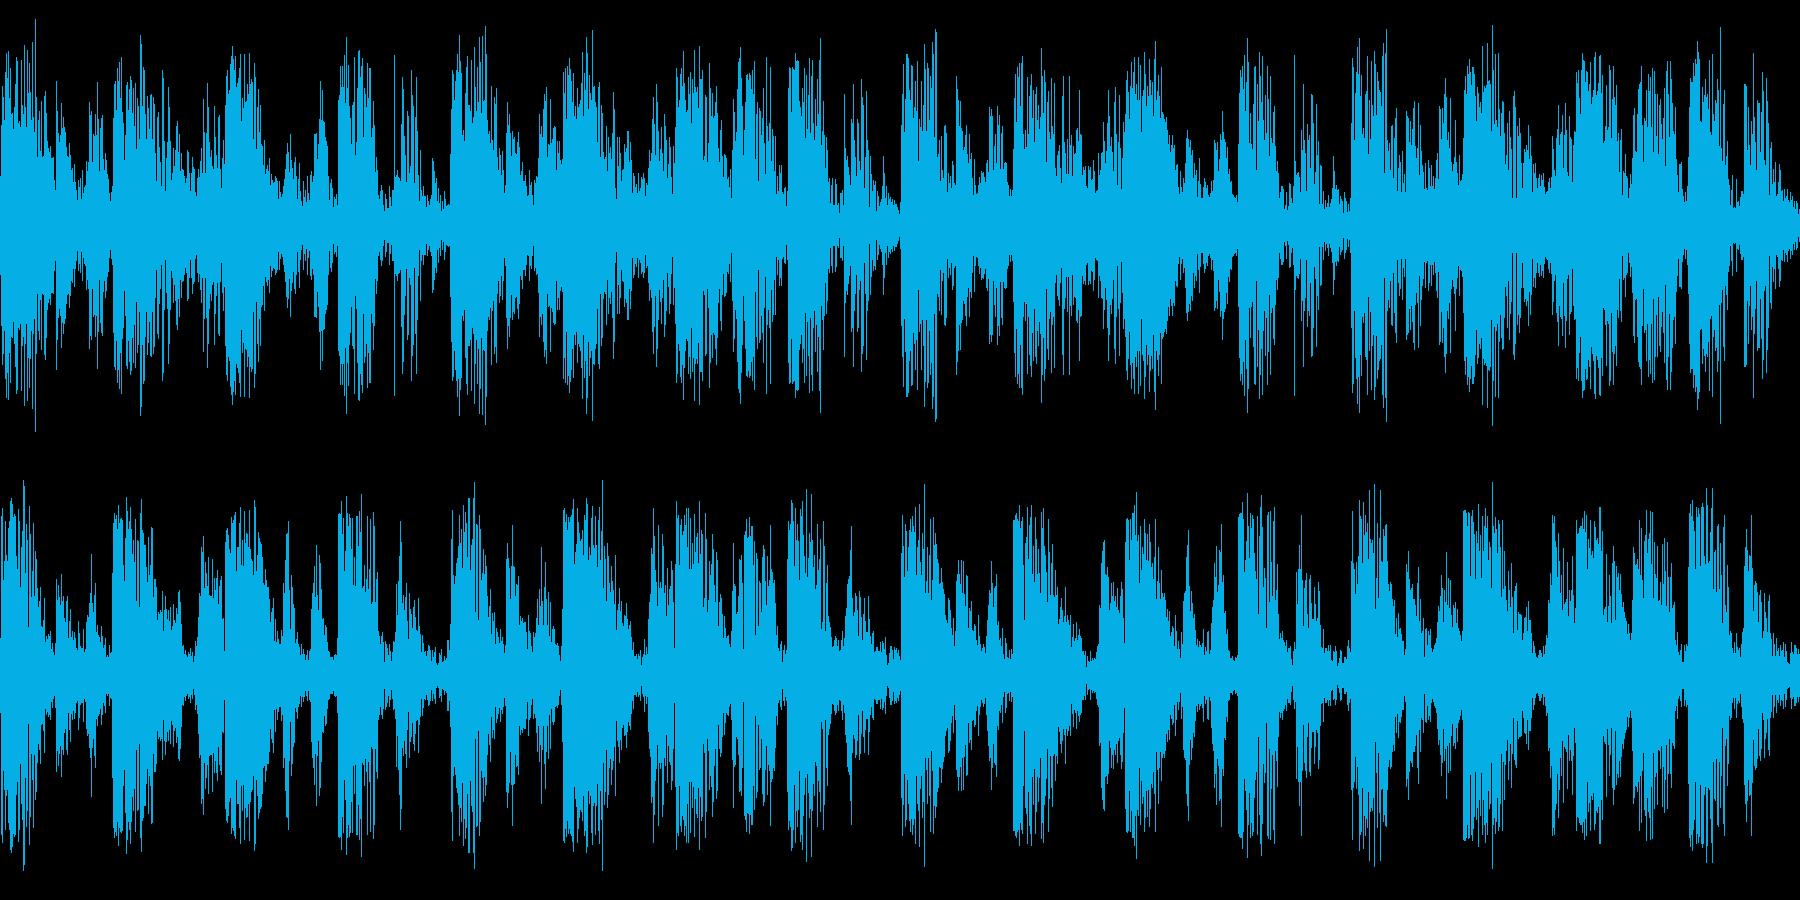 ループ音源となっております。の再生済みの波形